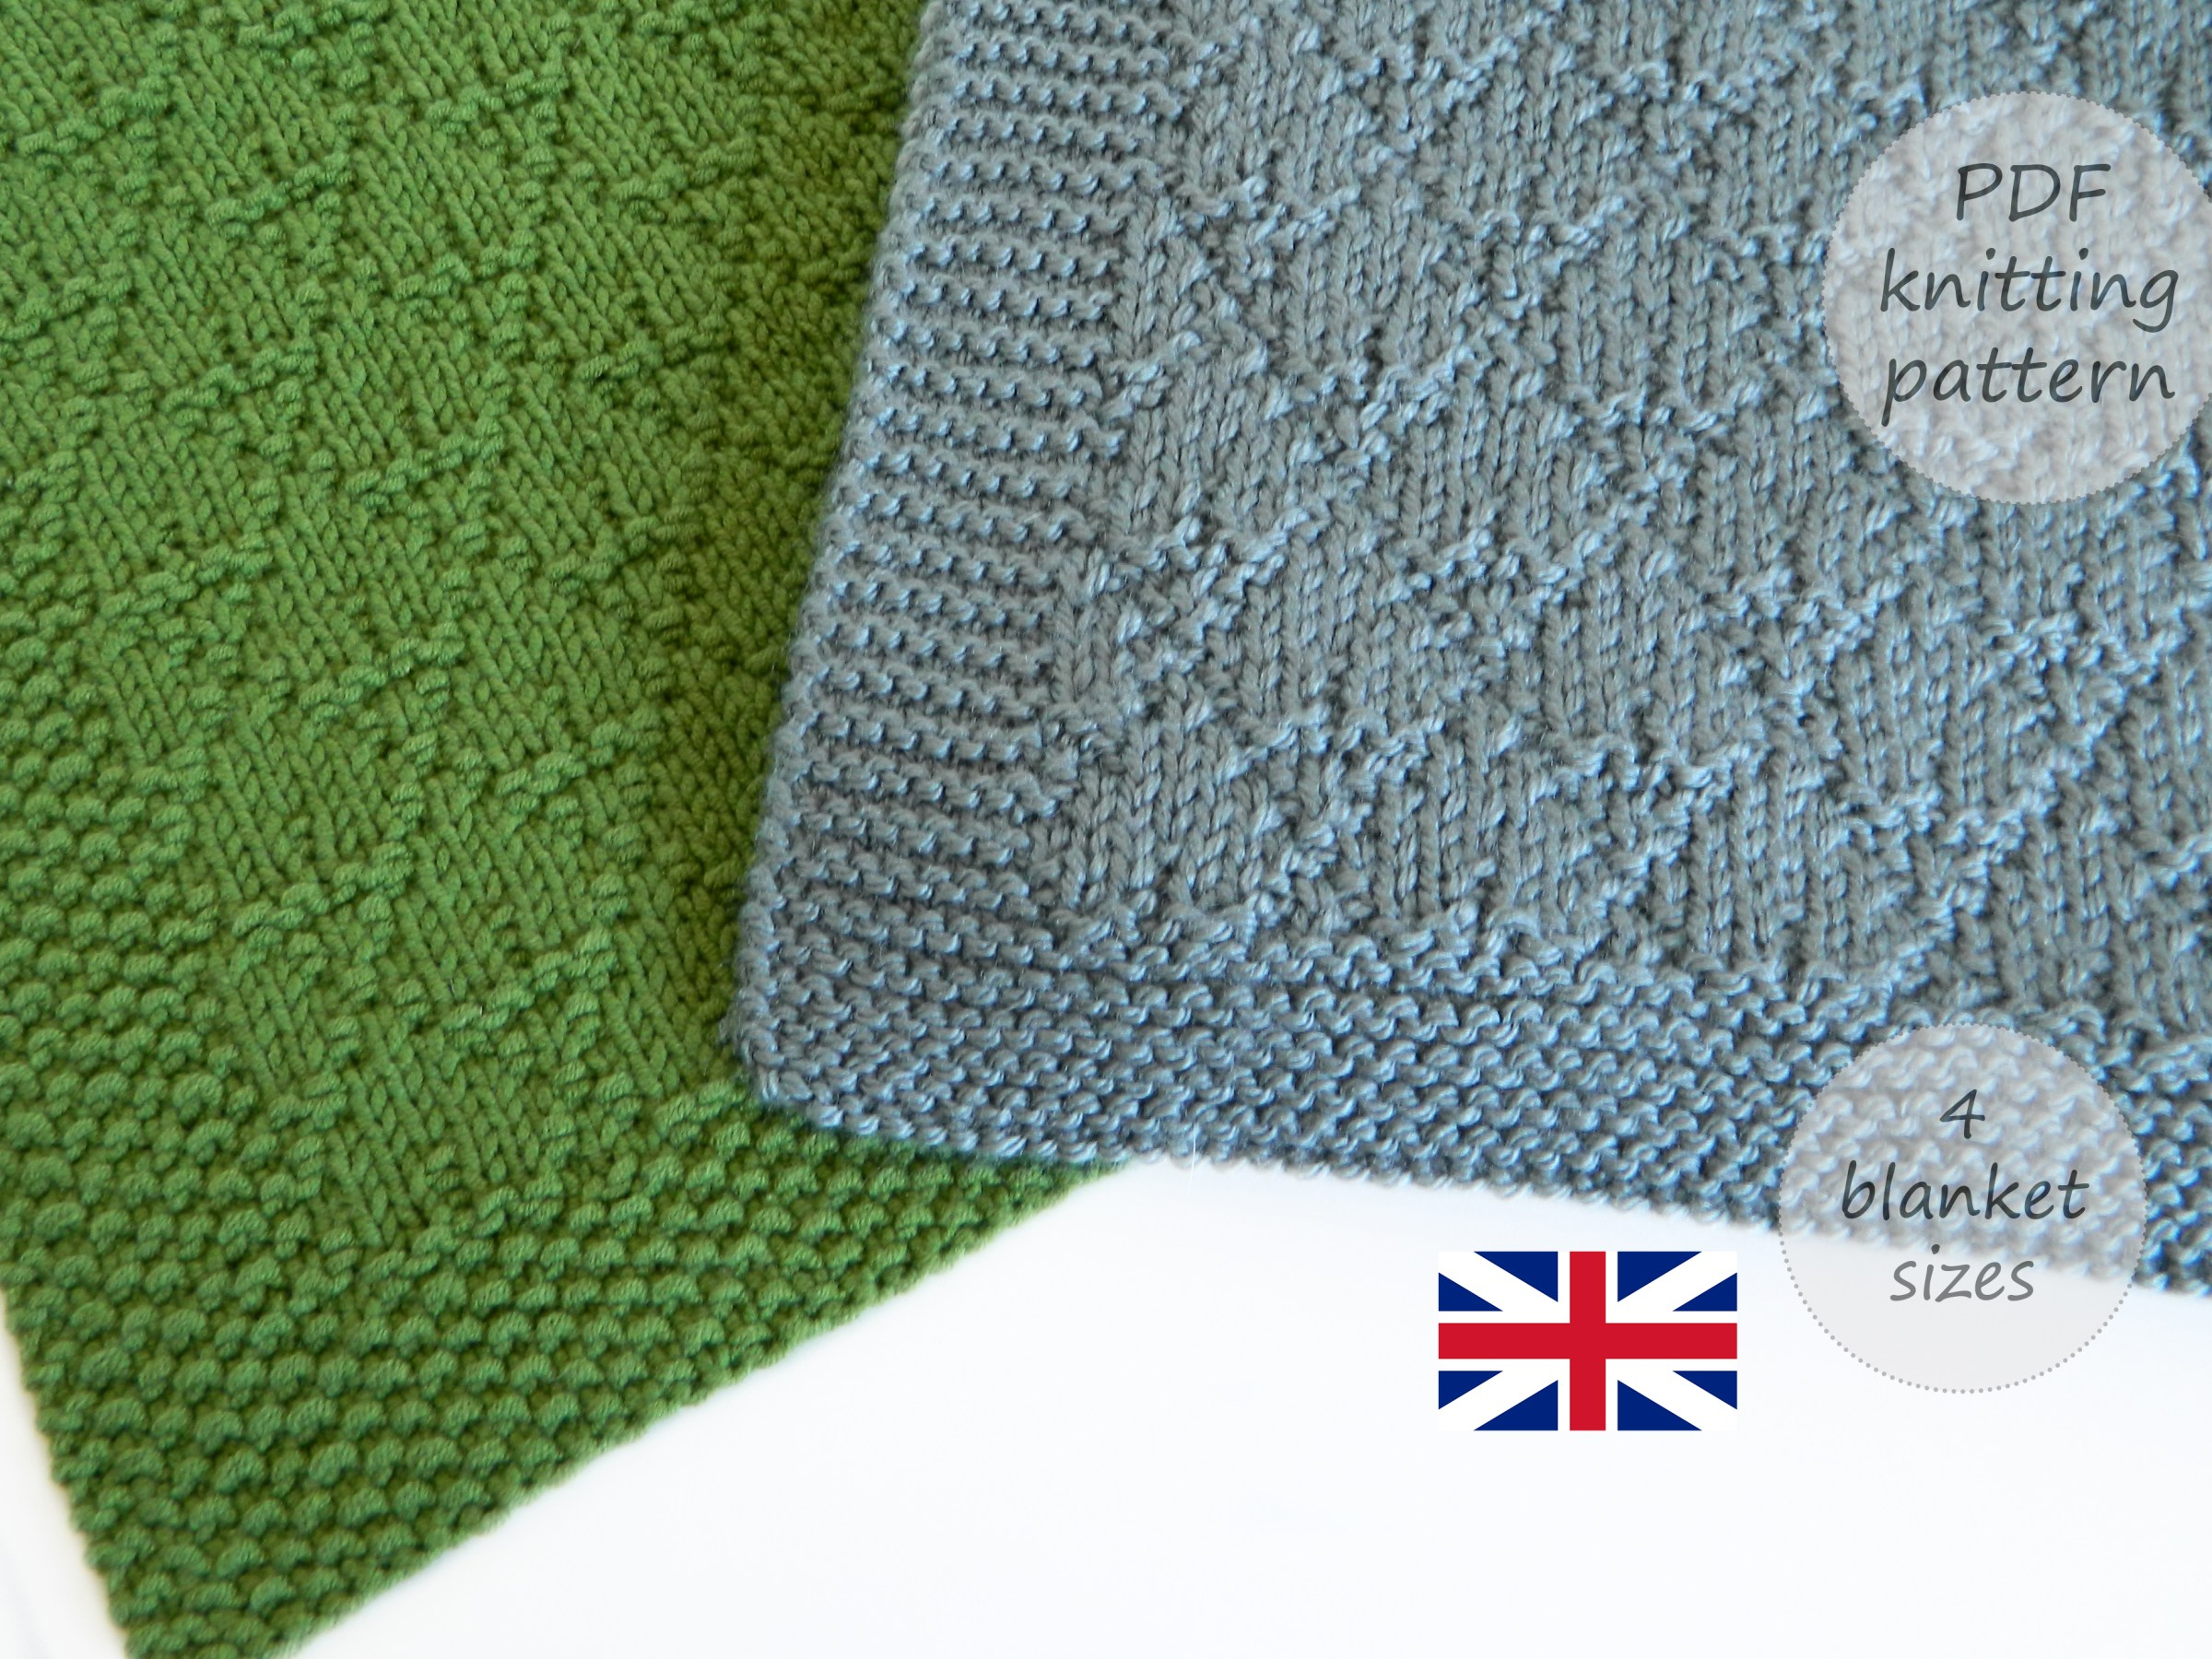 TARGARYEN Blanket knitting pattern, GAME OF THRONES knitting pattern, GOT blanket, ohlalana